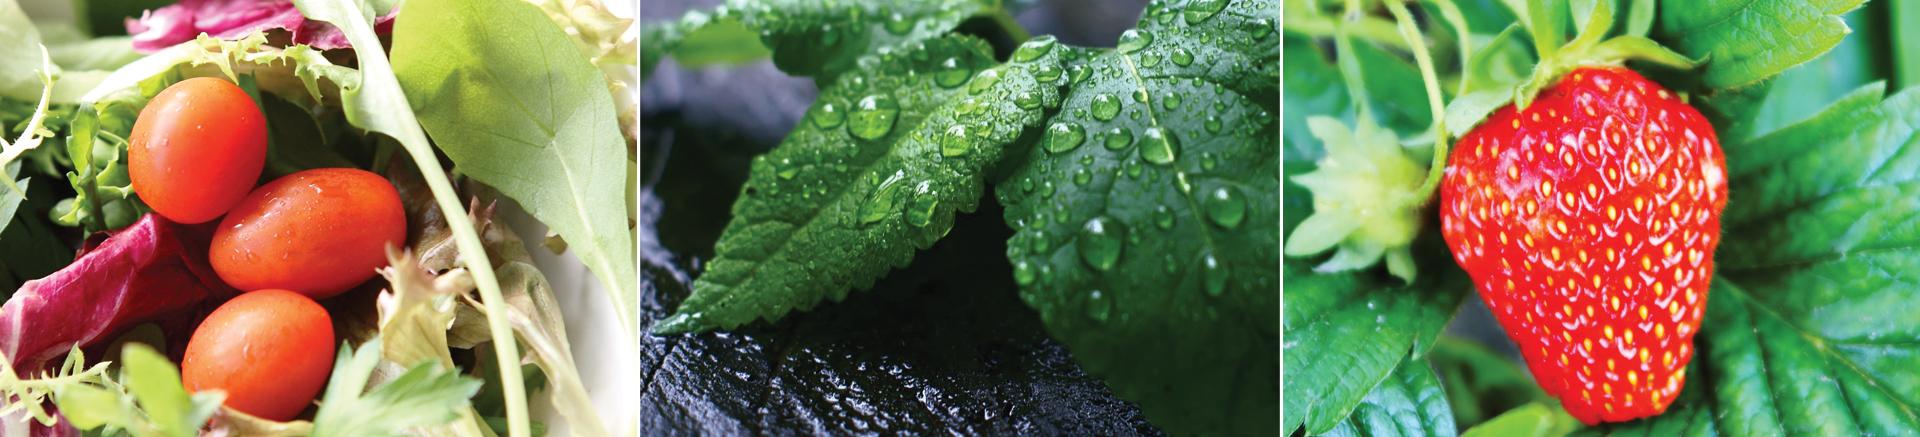 PlantsandVegtables